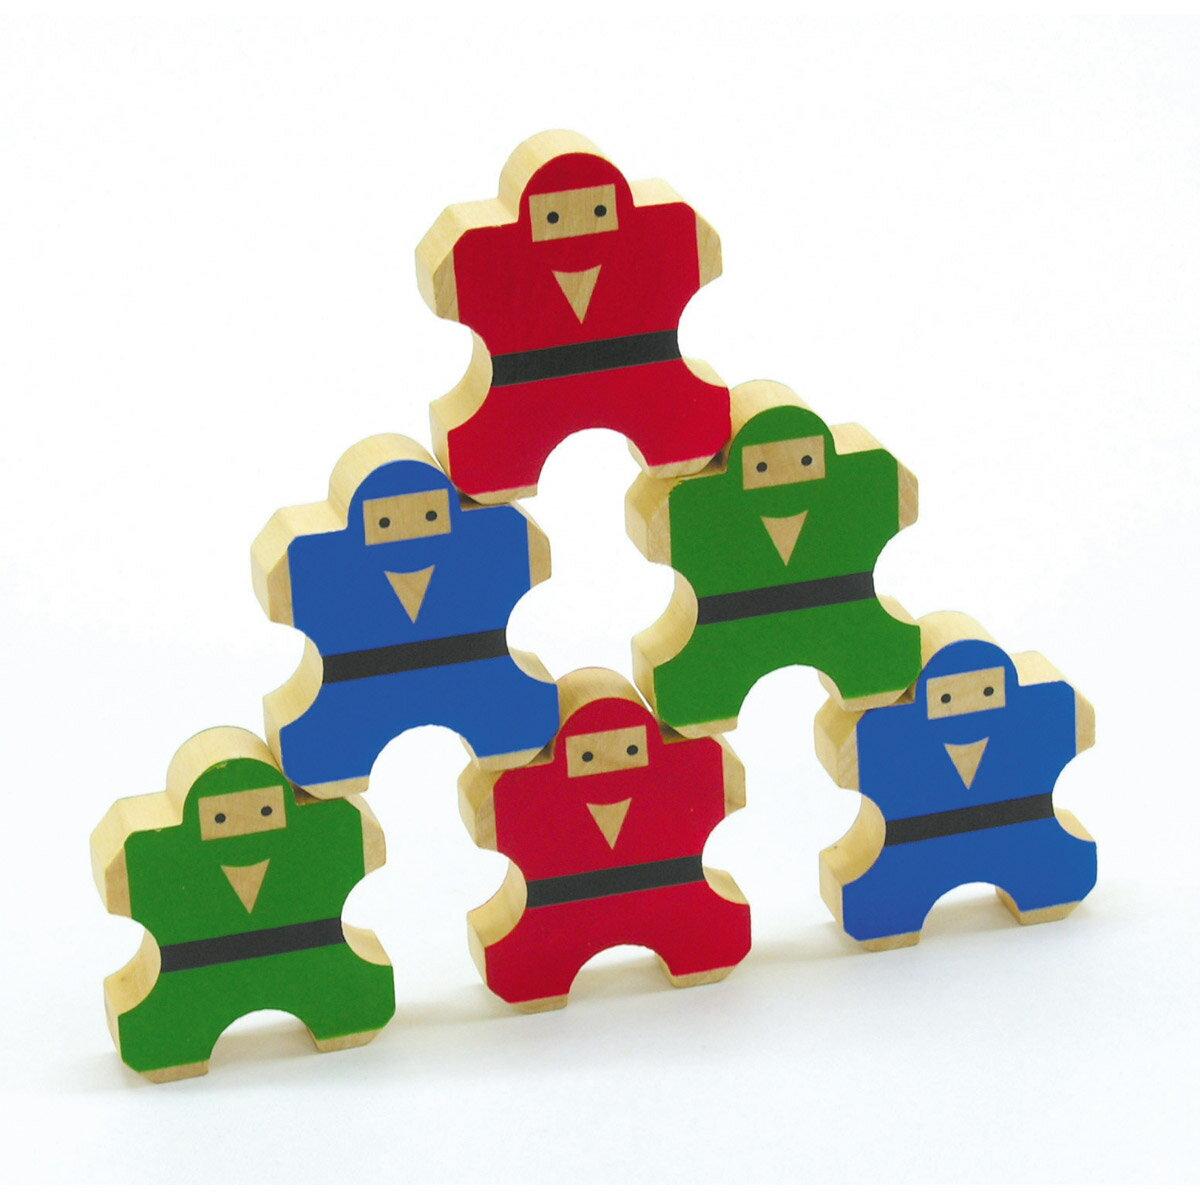 ゲーム のりのり忍者 子供 キッズ ゲーム おもちゃ 木製玩具 木のおもちゃ バランスゲーム 知育玩具 3歳 4歳 5歳 6歳